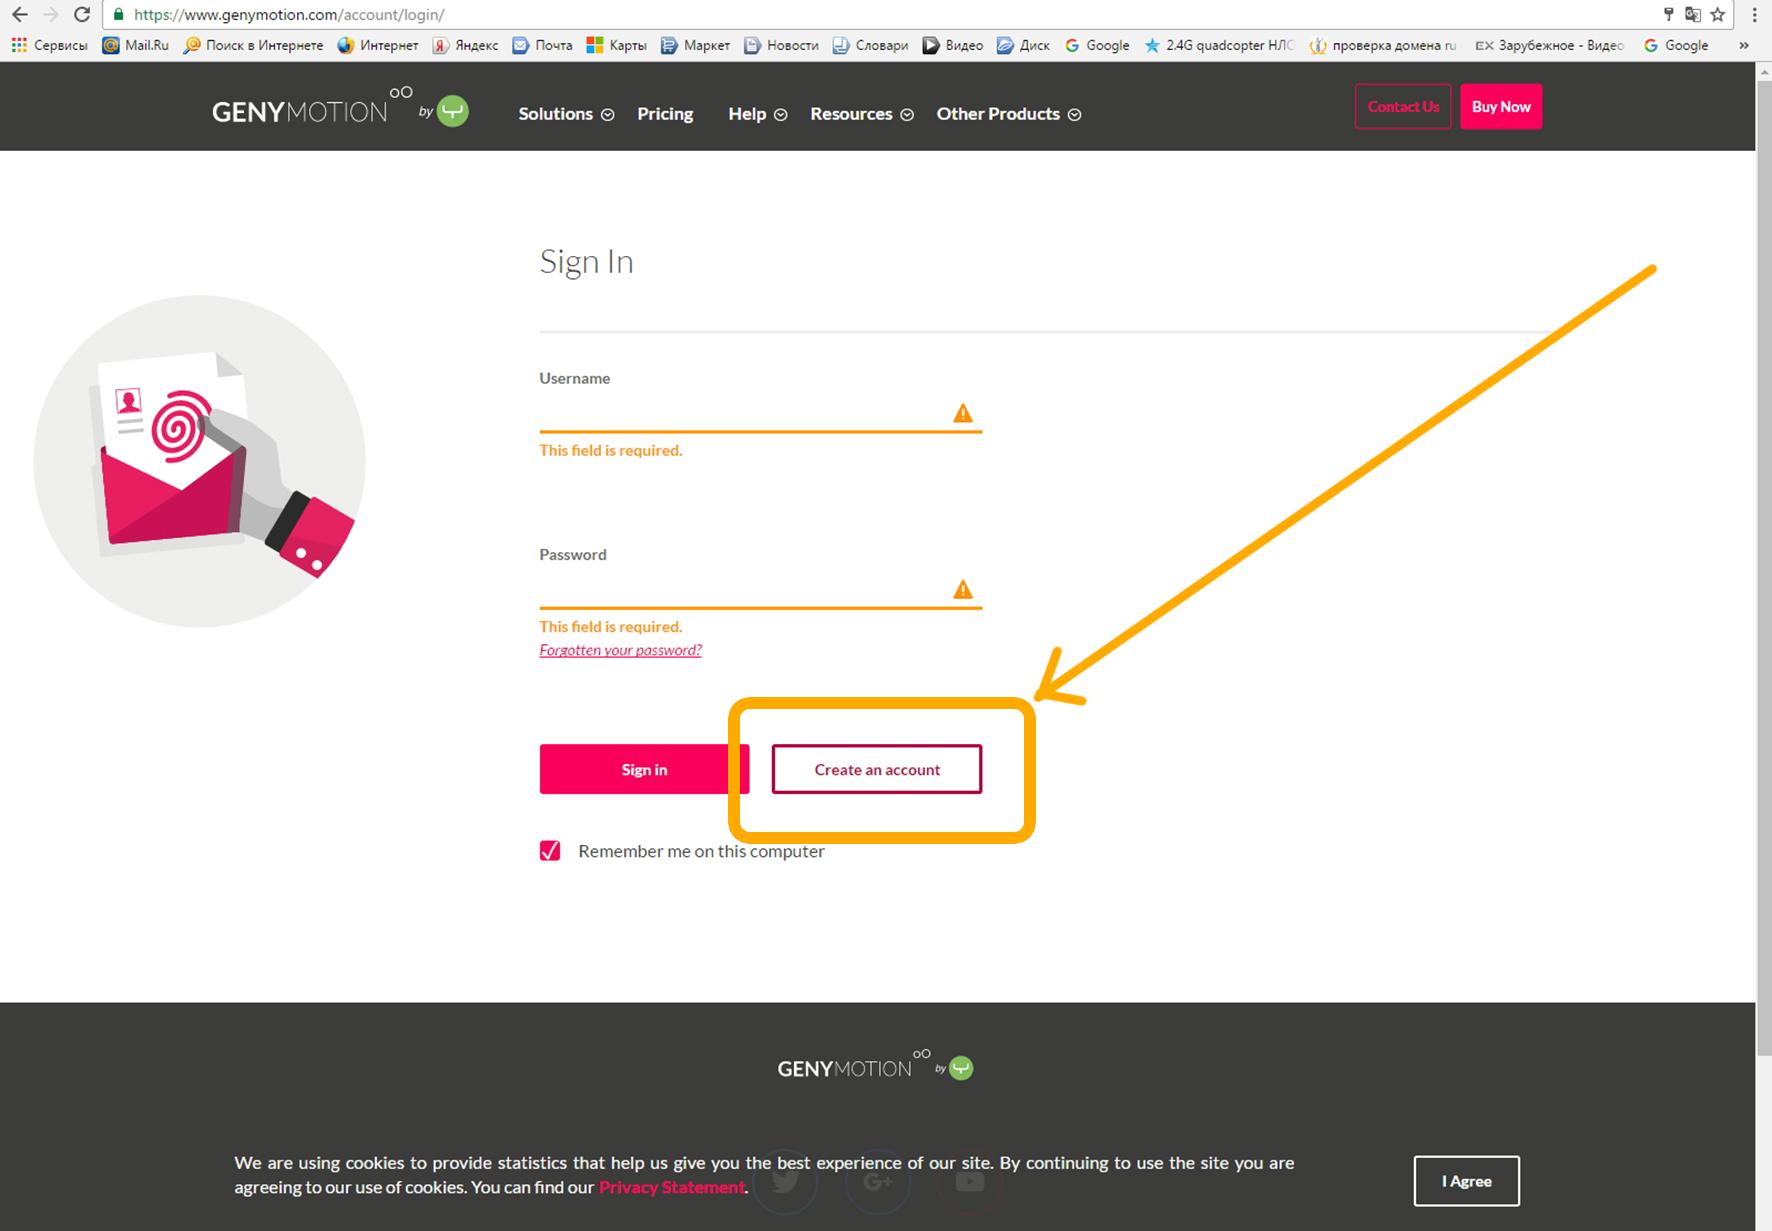 Визуальный процесс для создания нового аккаунта на официальном сайте скачивания программы, позволяющей использовать Инстаграм с компьютера.